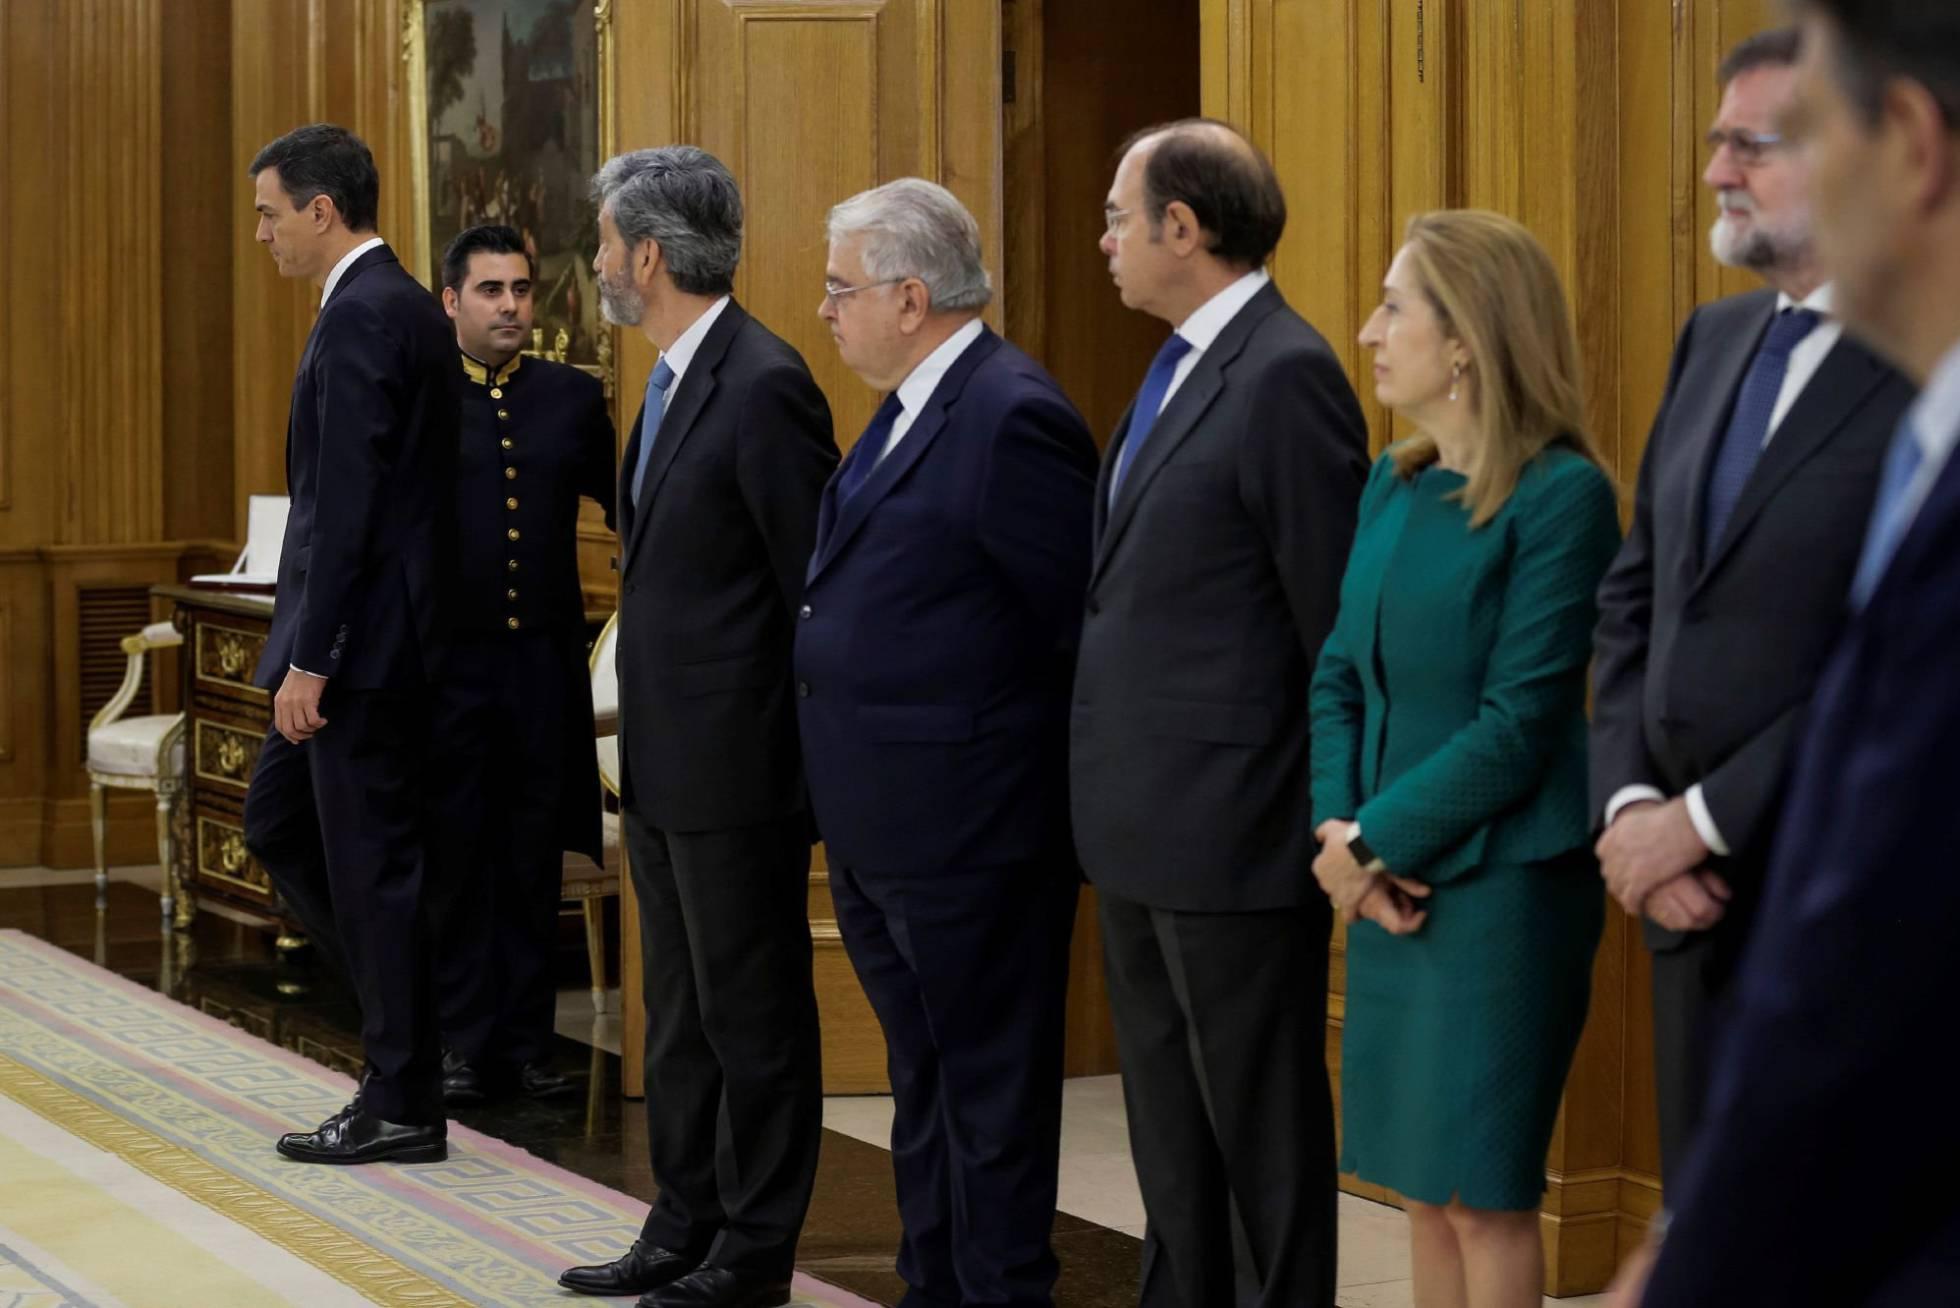 El nuevo Presidente prescinde de los símbolos religiosos